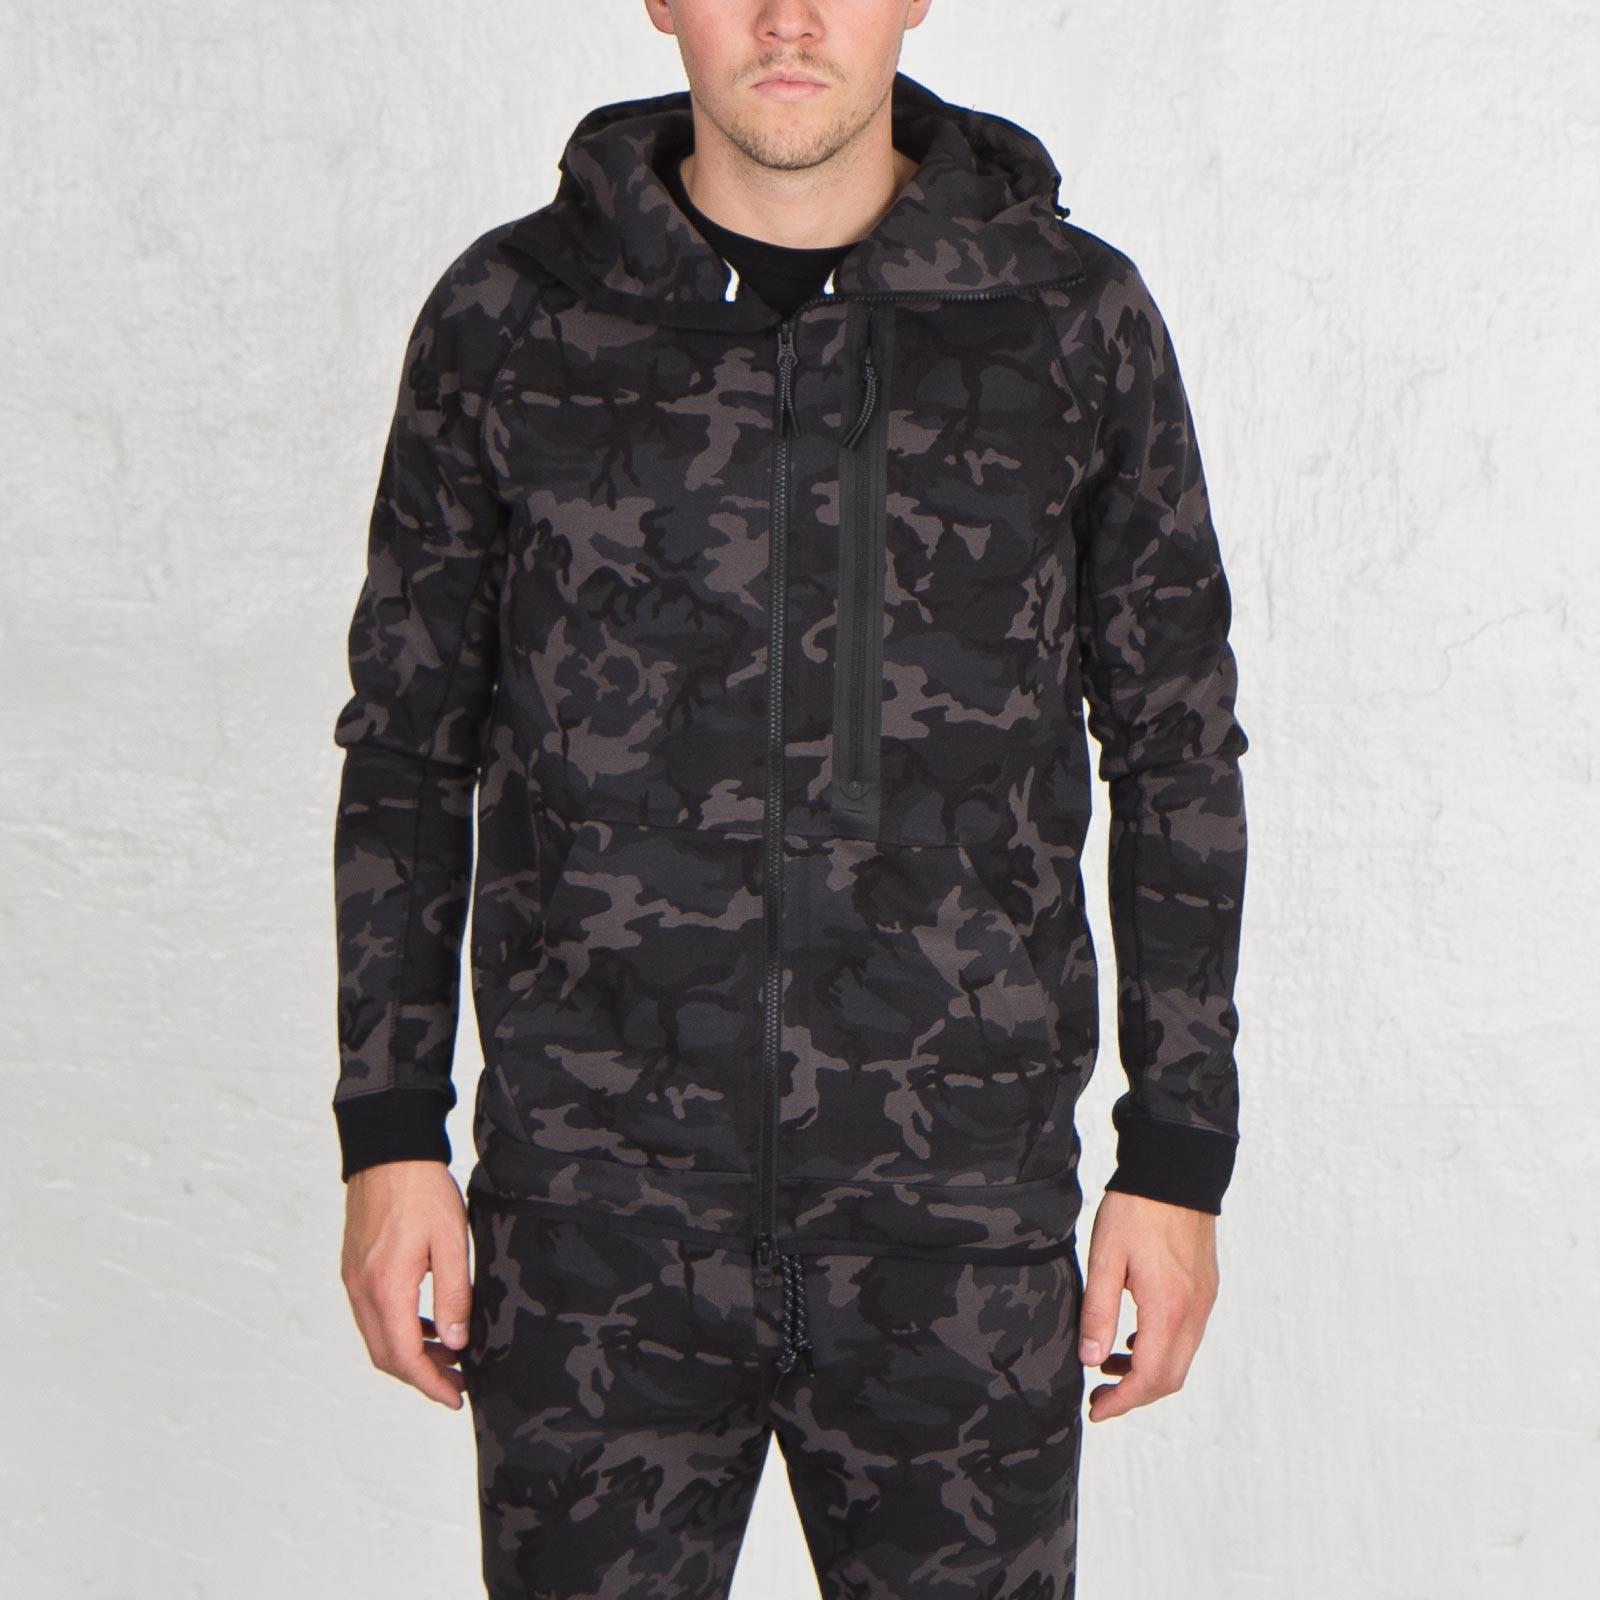 a98dbe261203 Nike Tech Fleece Camo Hoody - 678950-233 - Sneakersnstuff